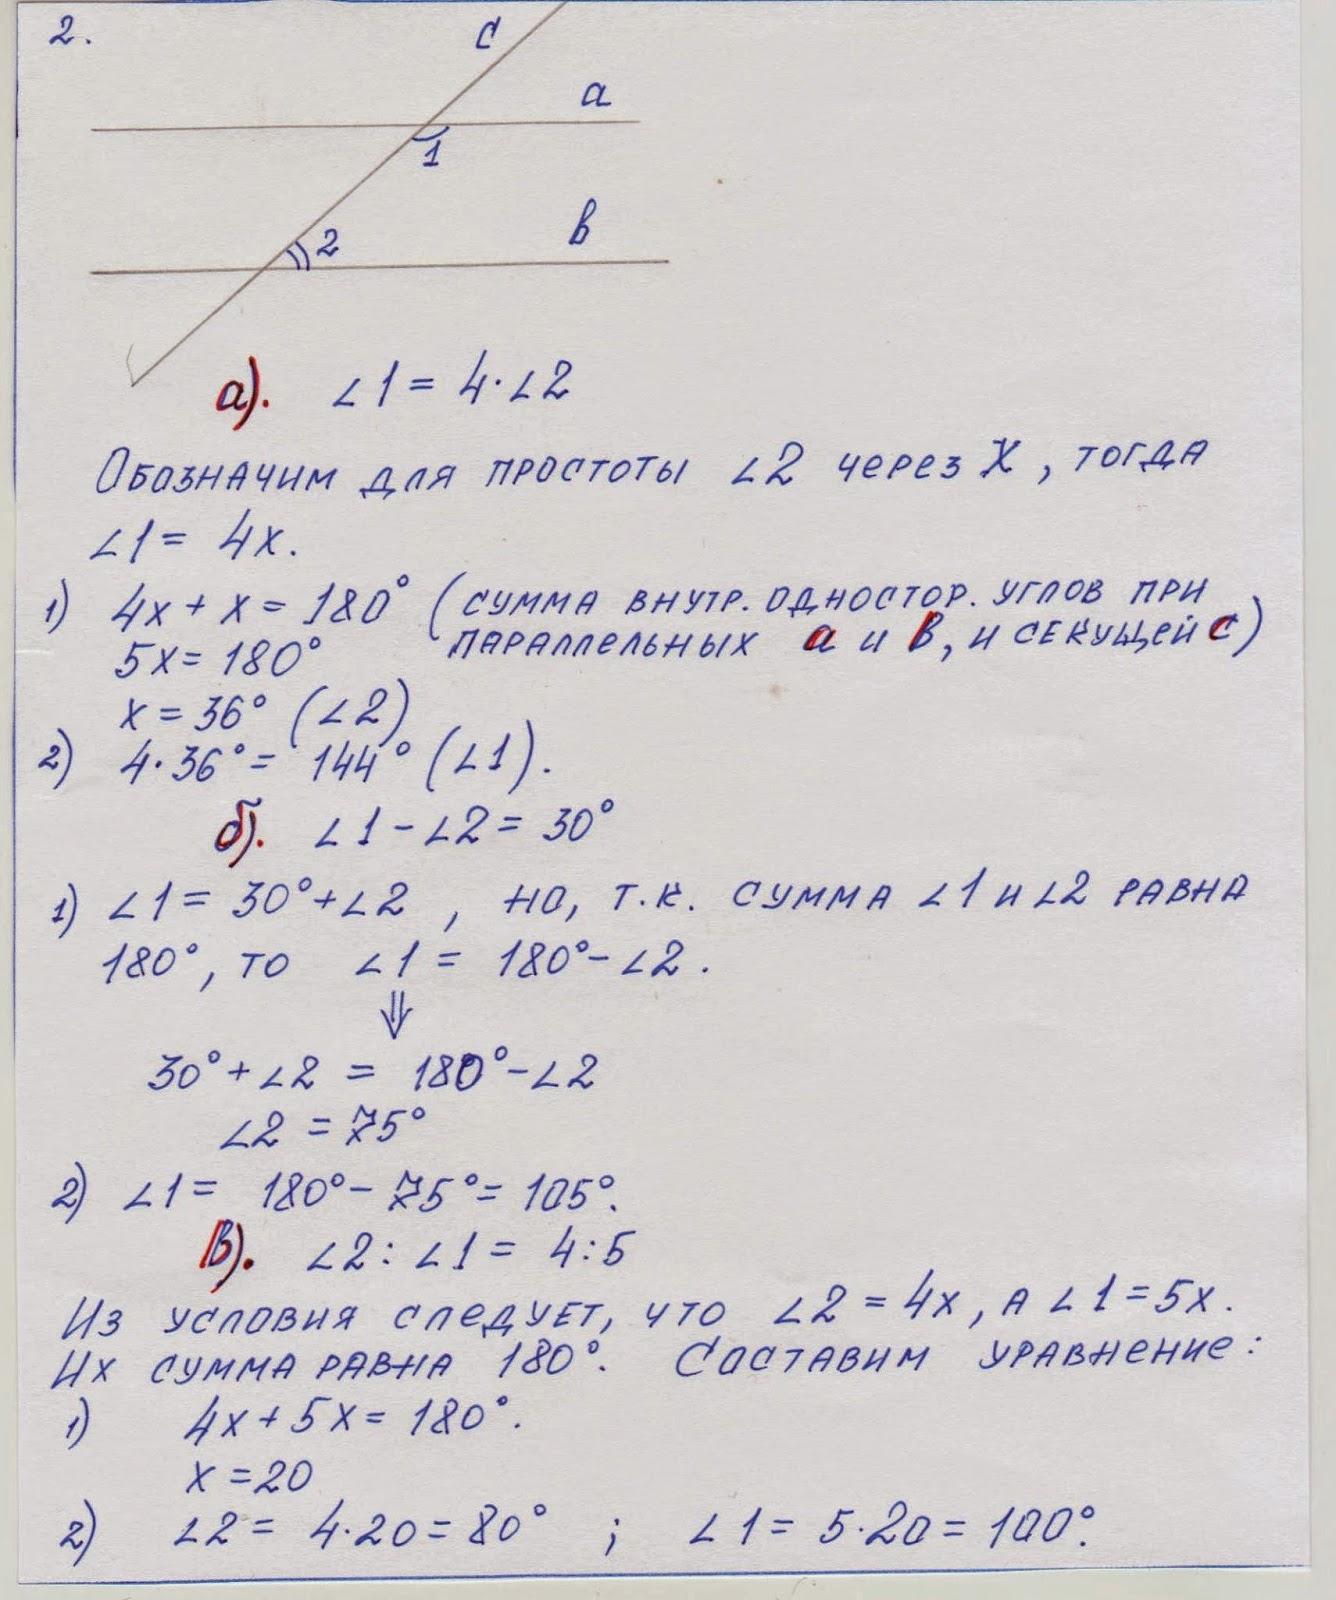 ответы кдр 8 класс алгебра 2015